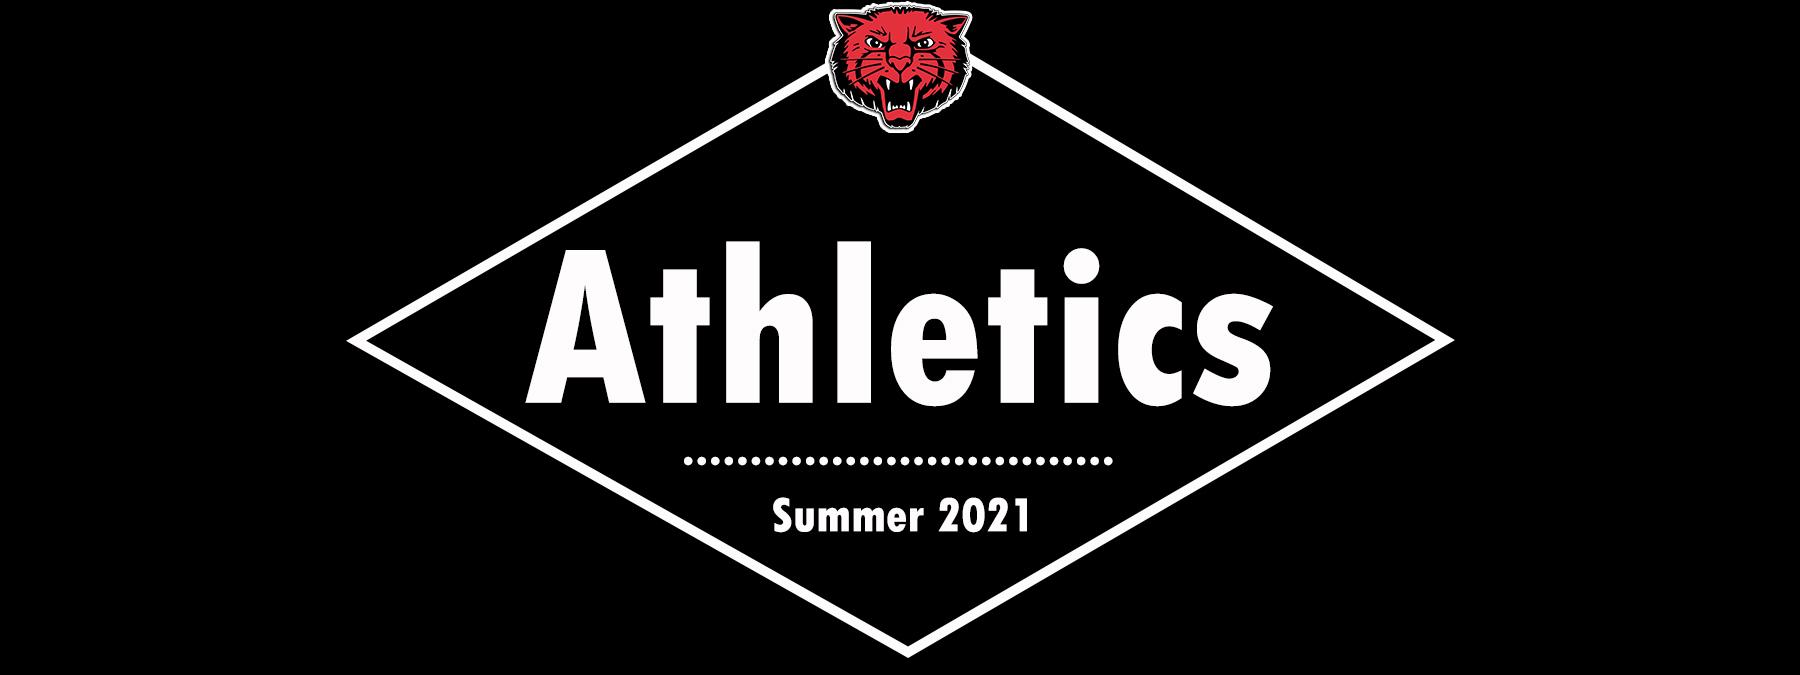 athletics summer